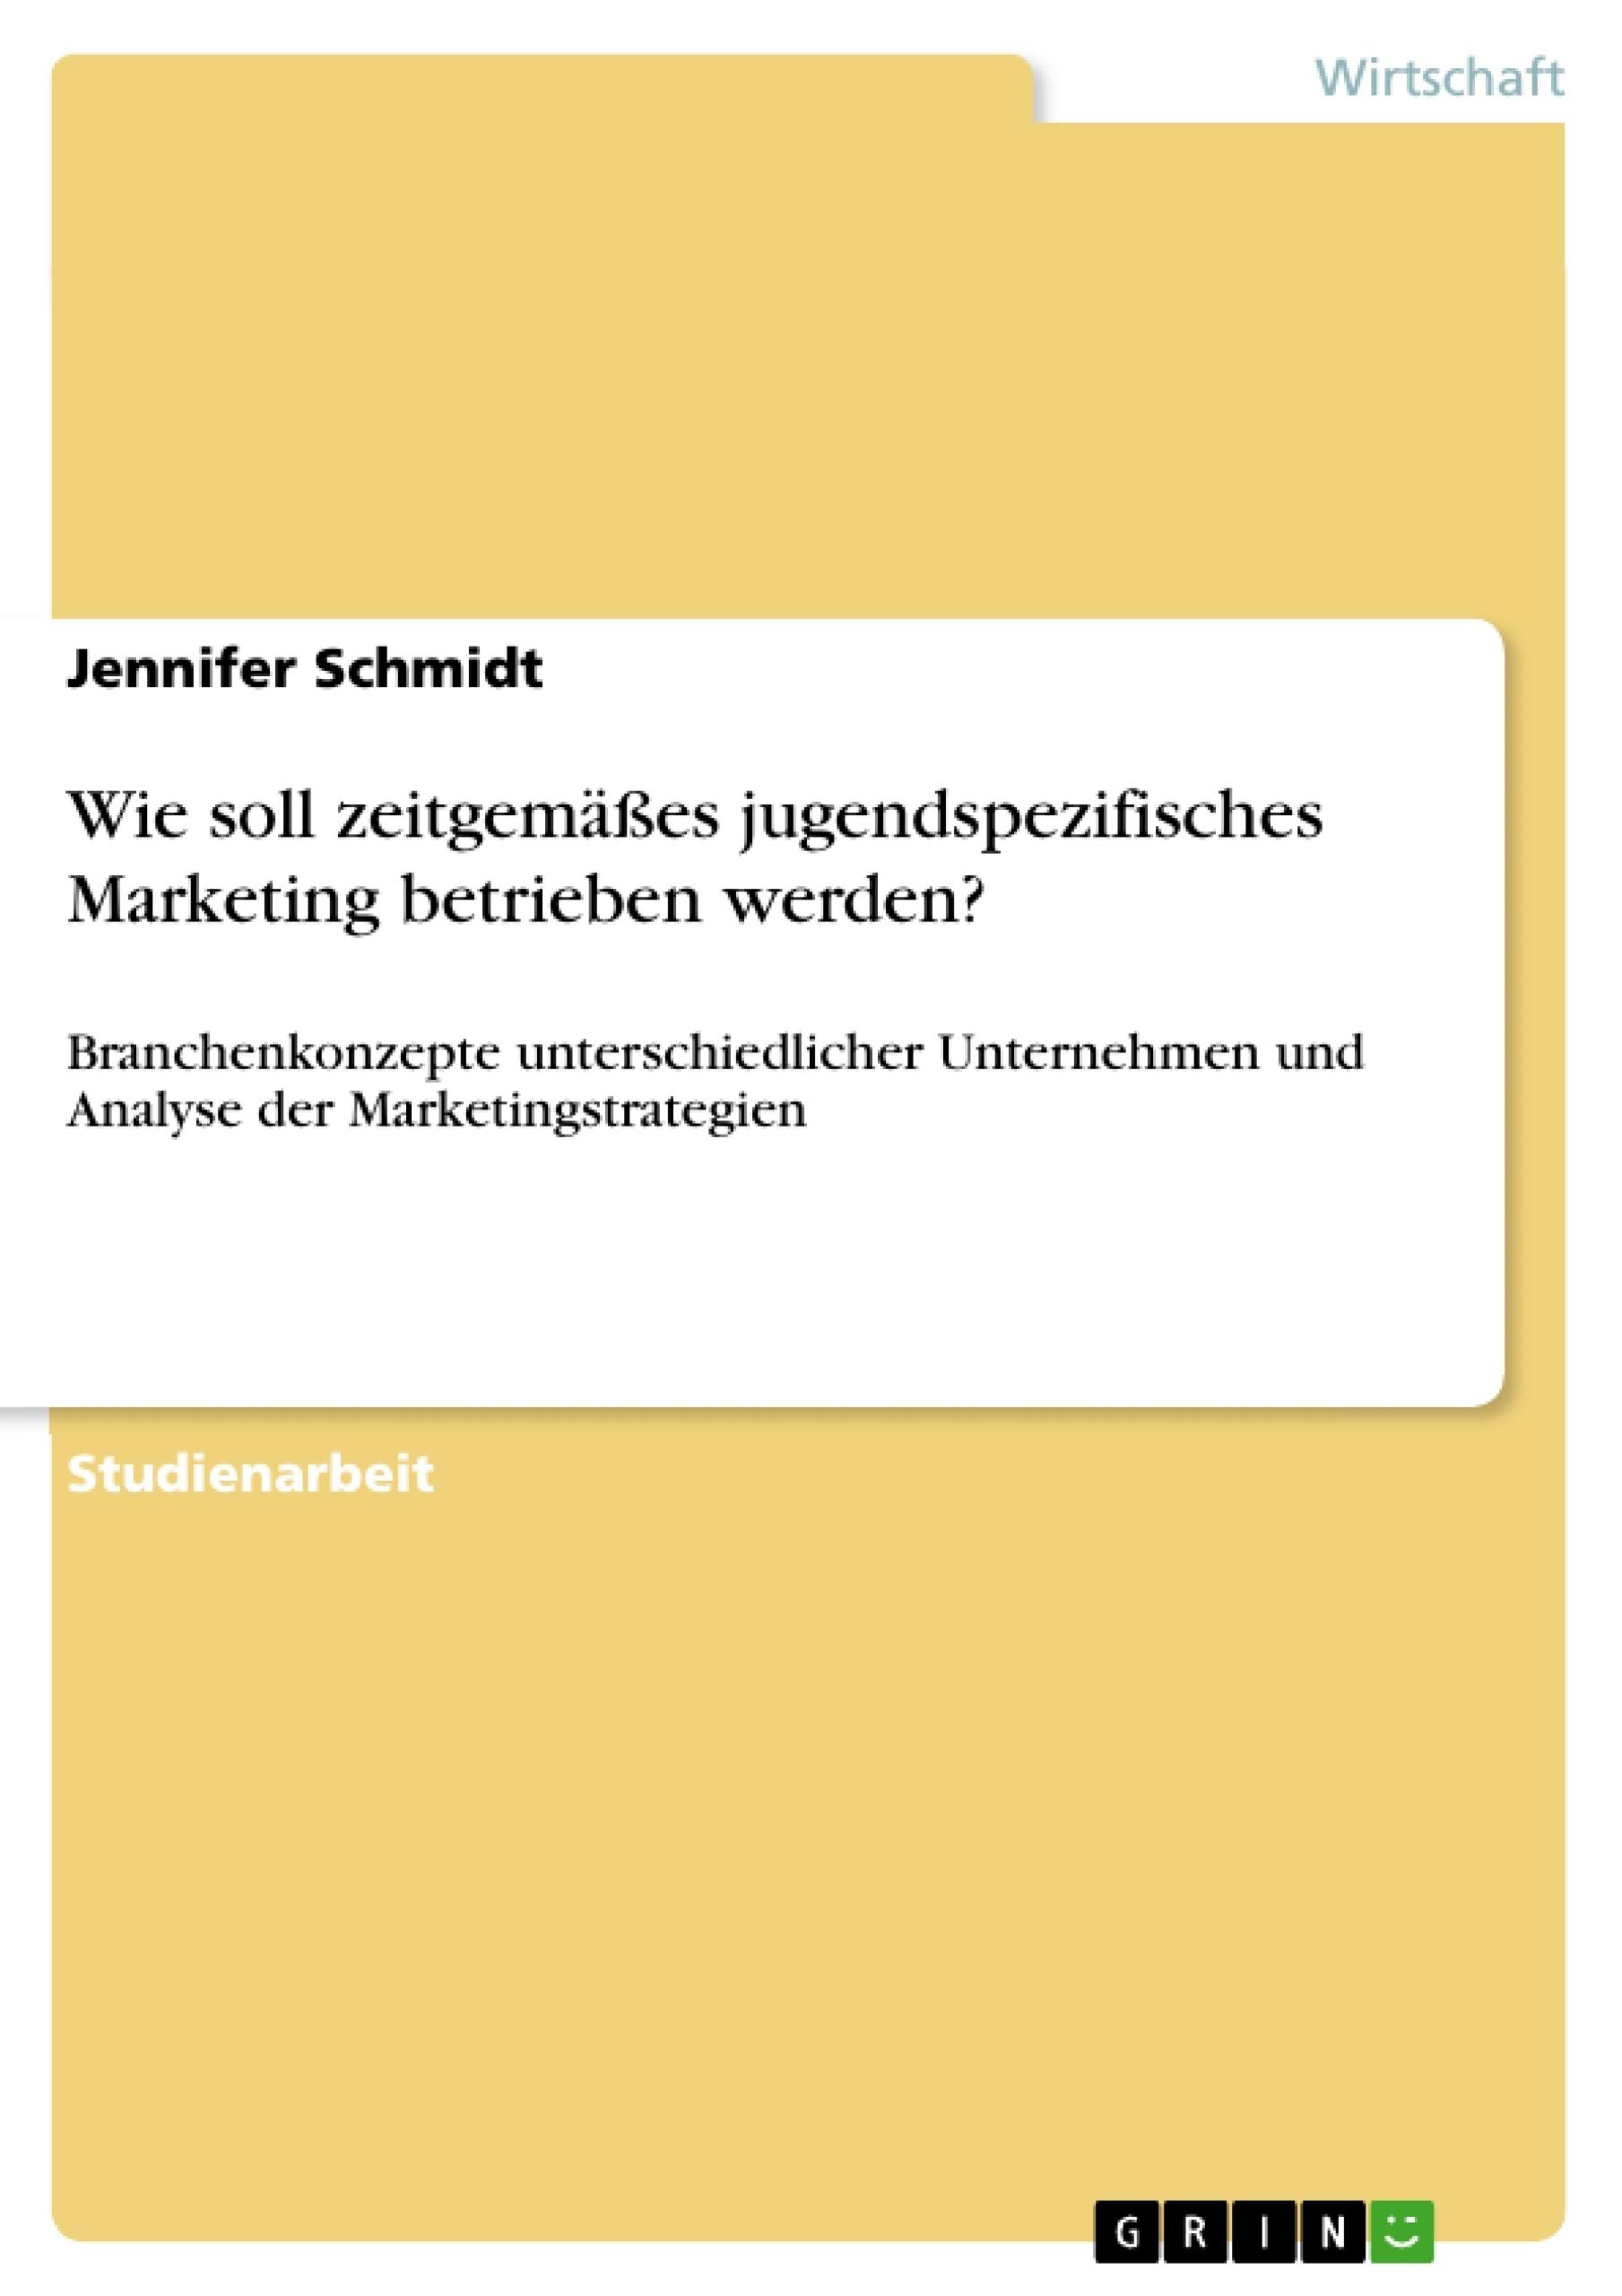 Titel: Wie soll zeitgemäßes jugendspezifisches Marketing betrieben werden?